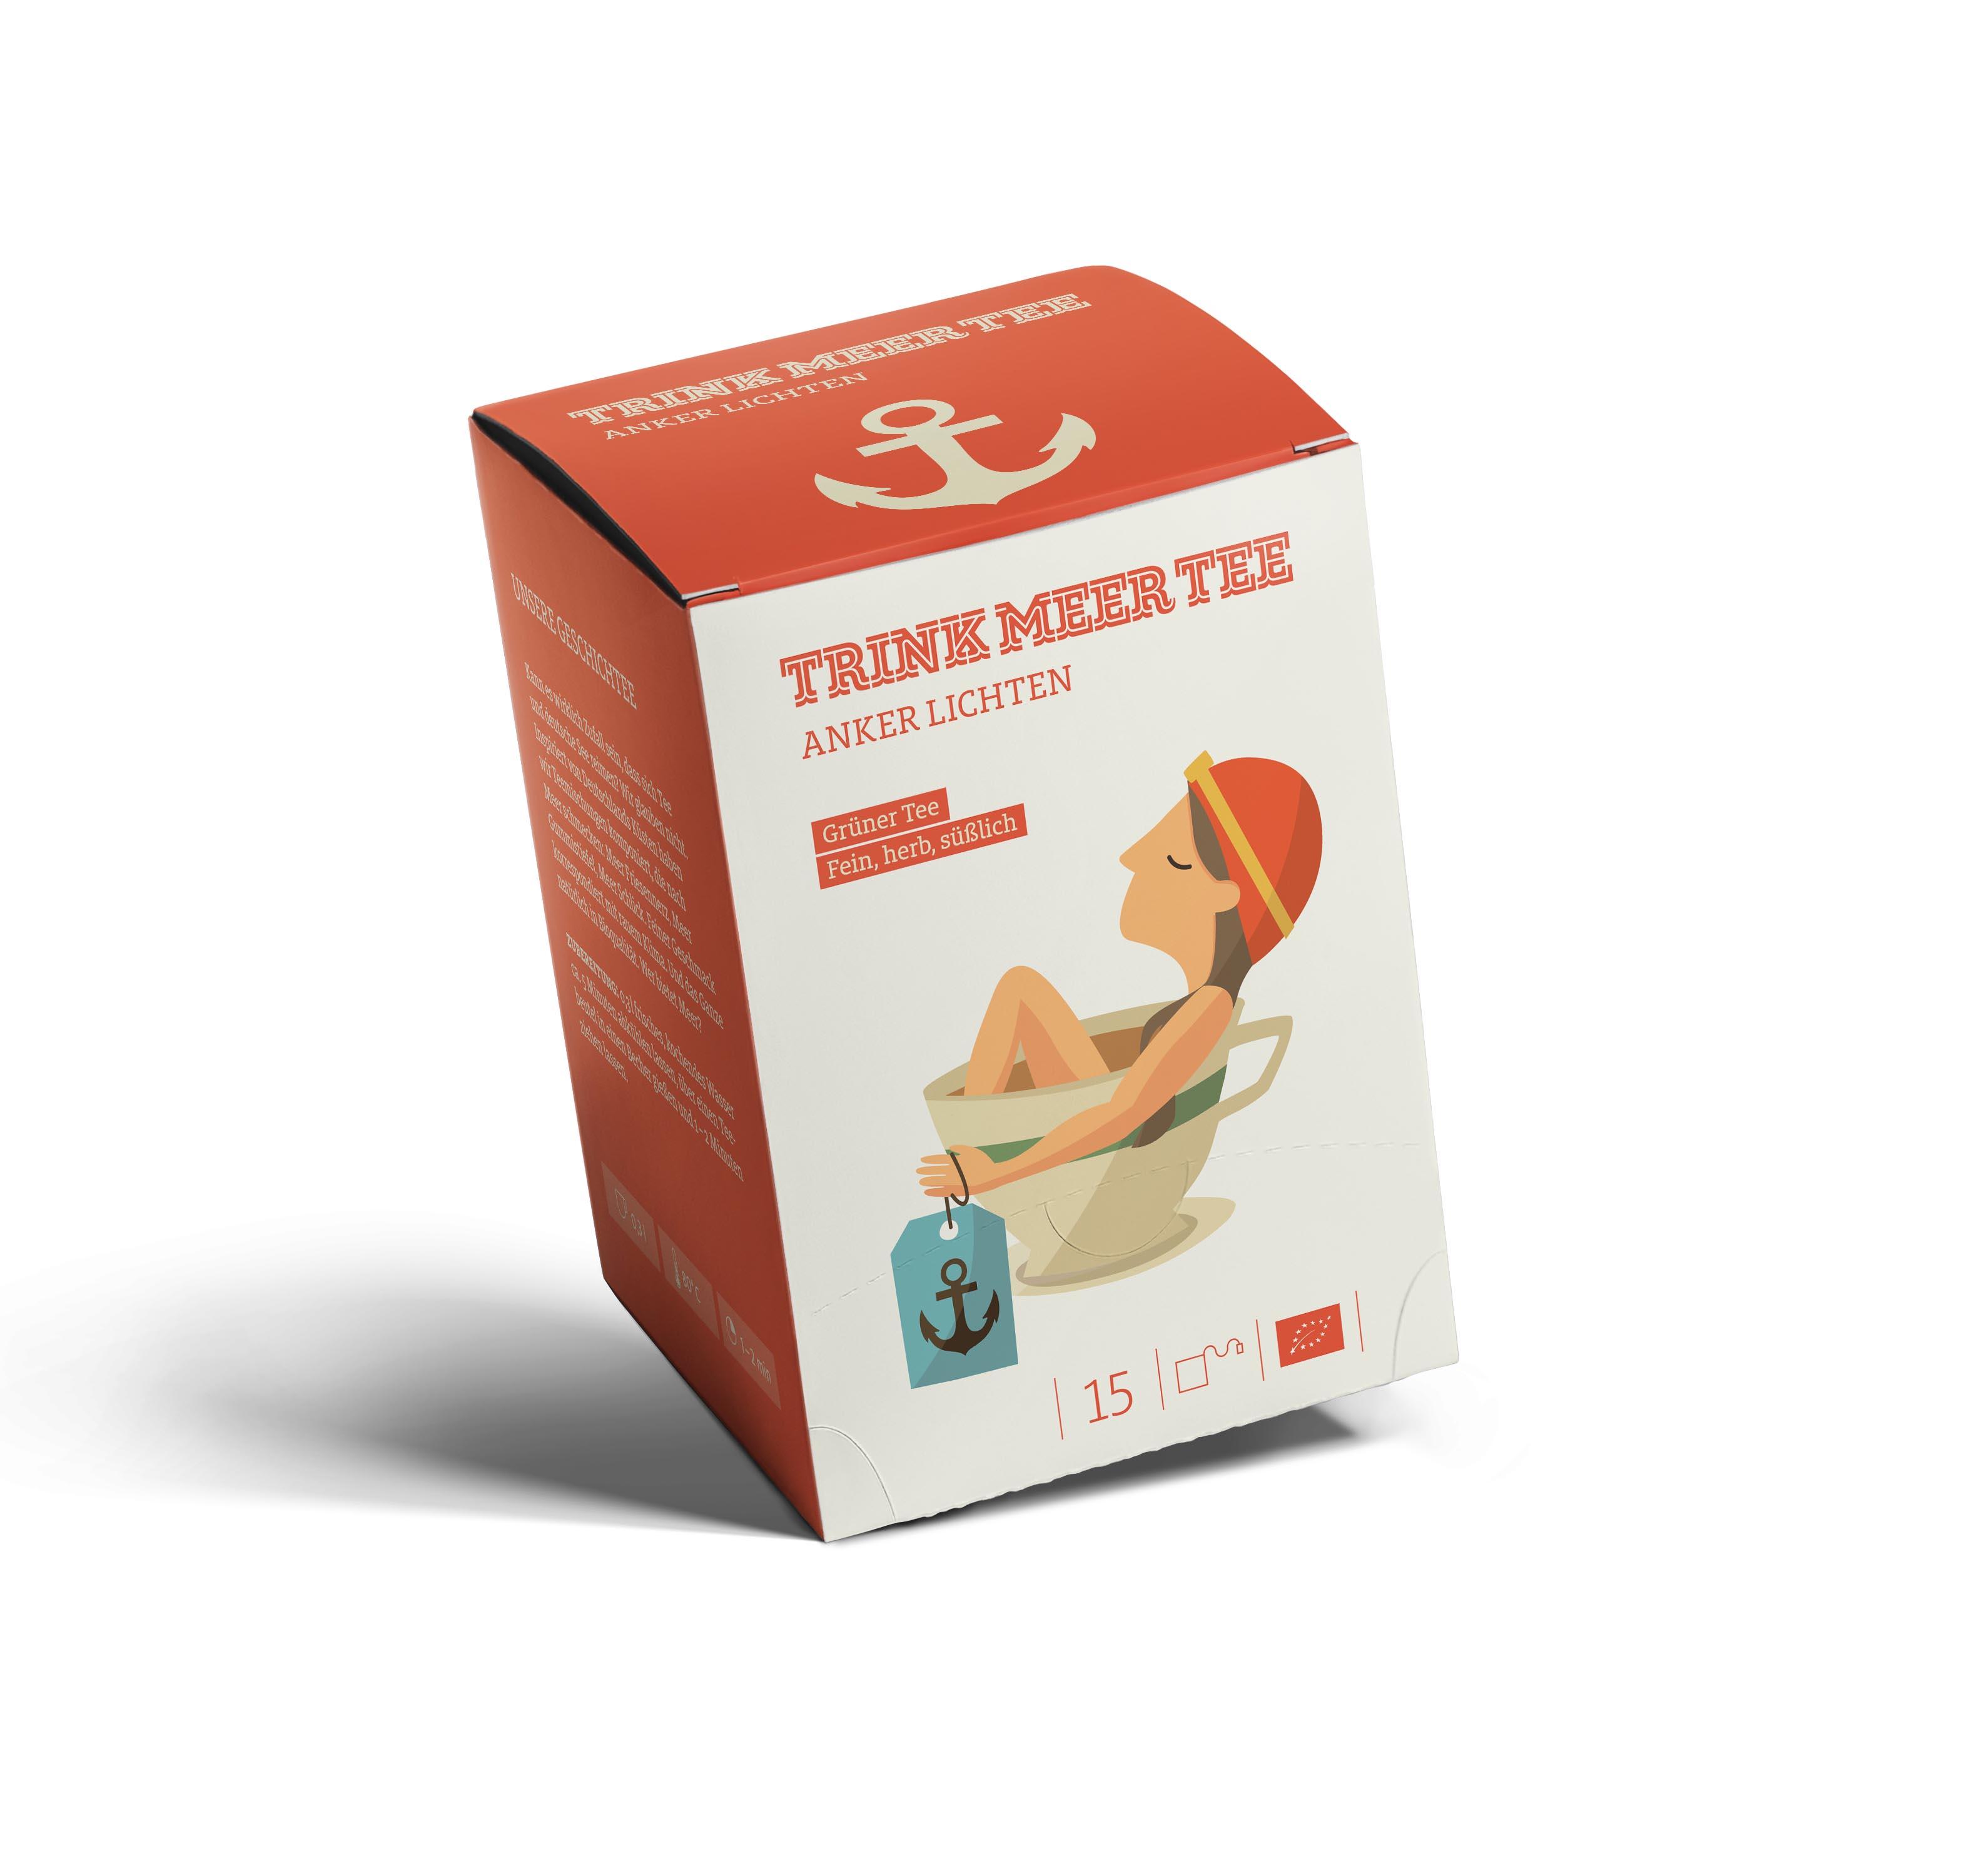 """Teebeutel """"Anker Lichten"""" - Grüner Tee TRINK MEER TEE"""